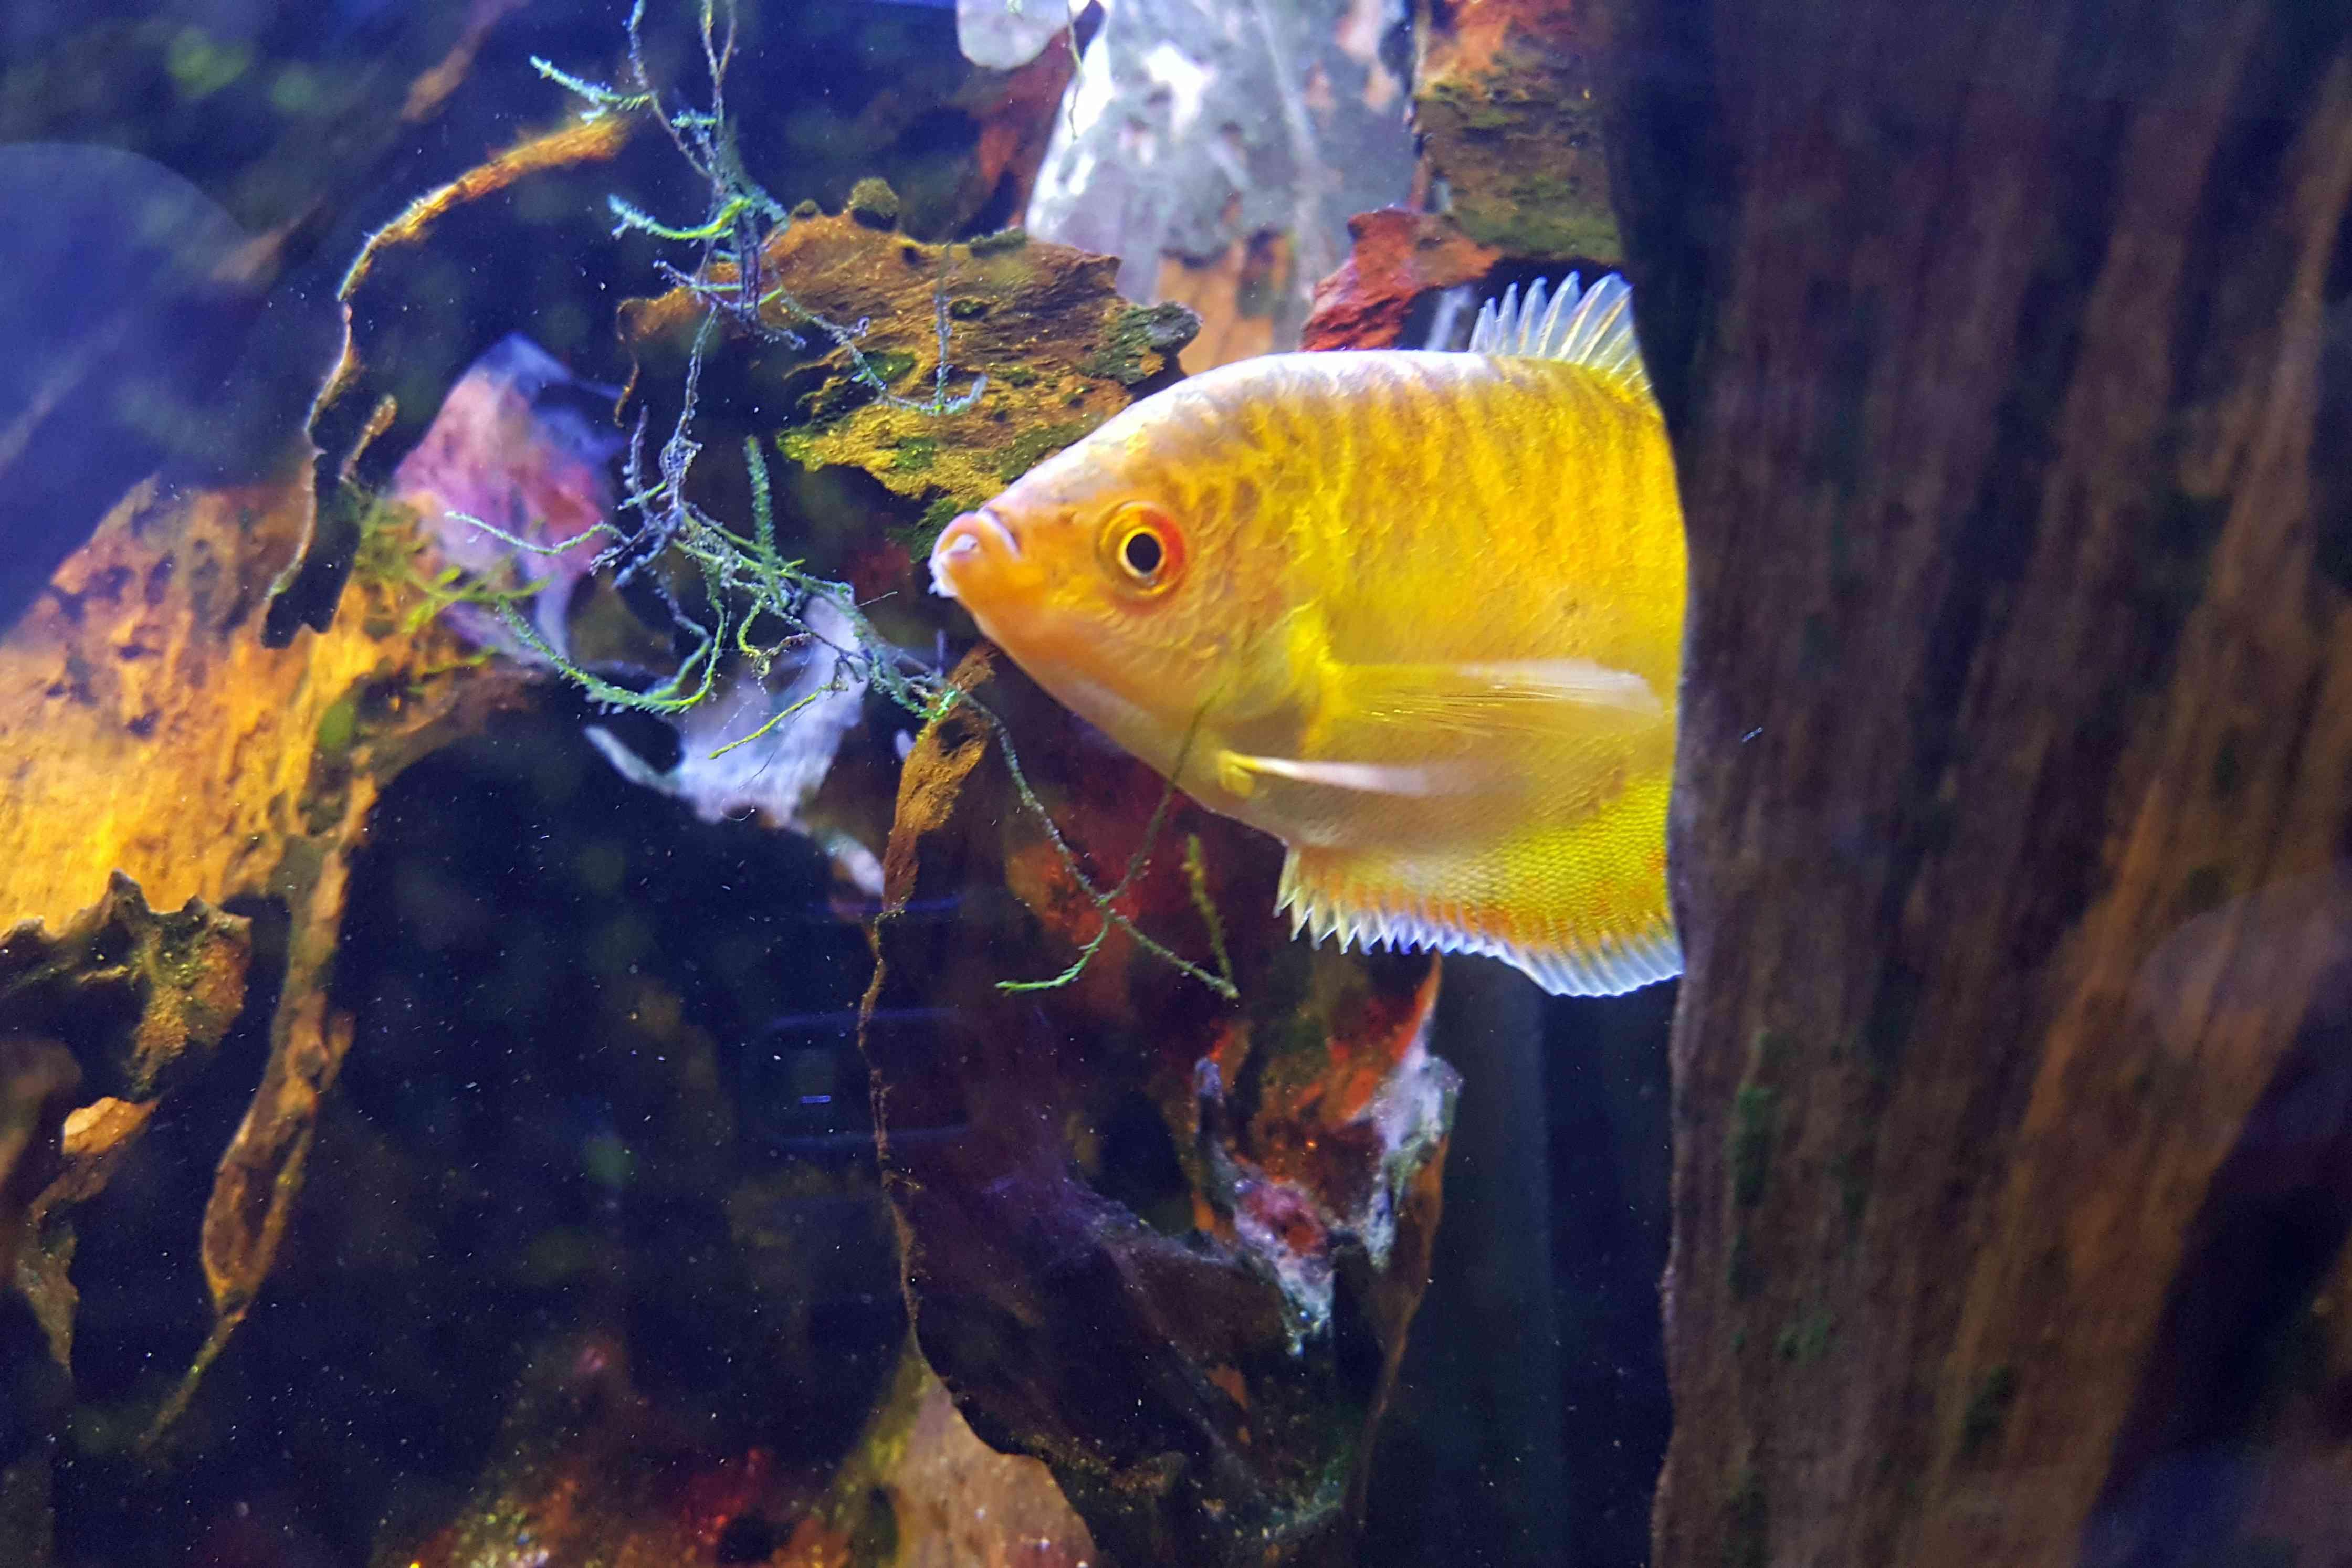 Gold gourami in an aquarium